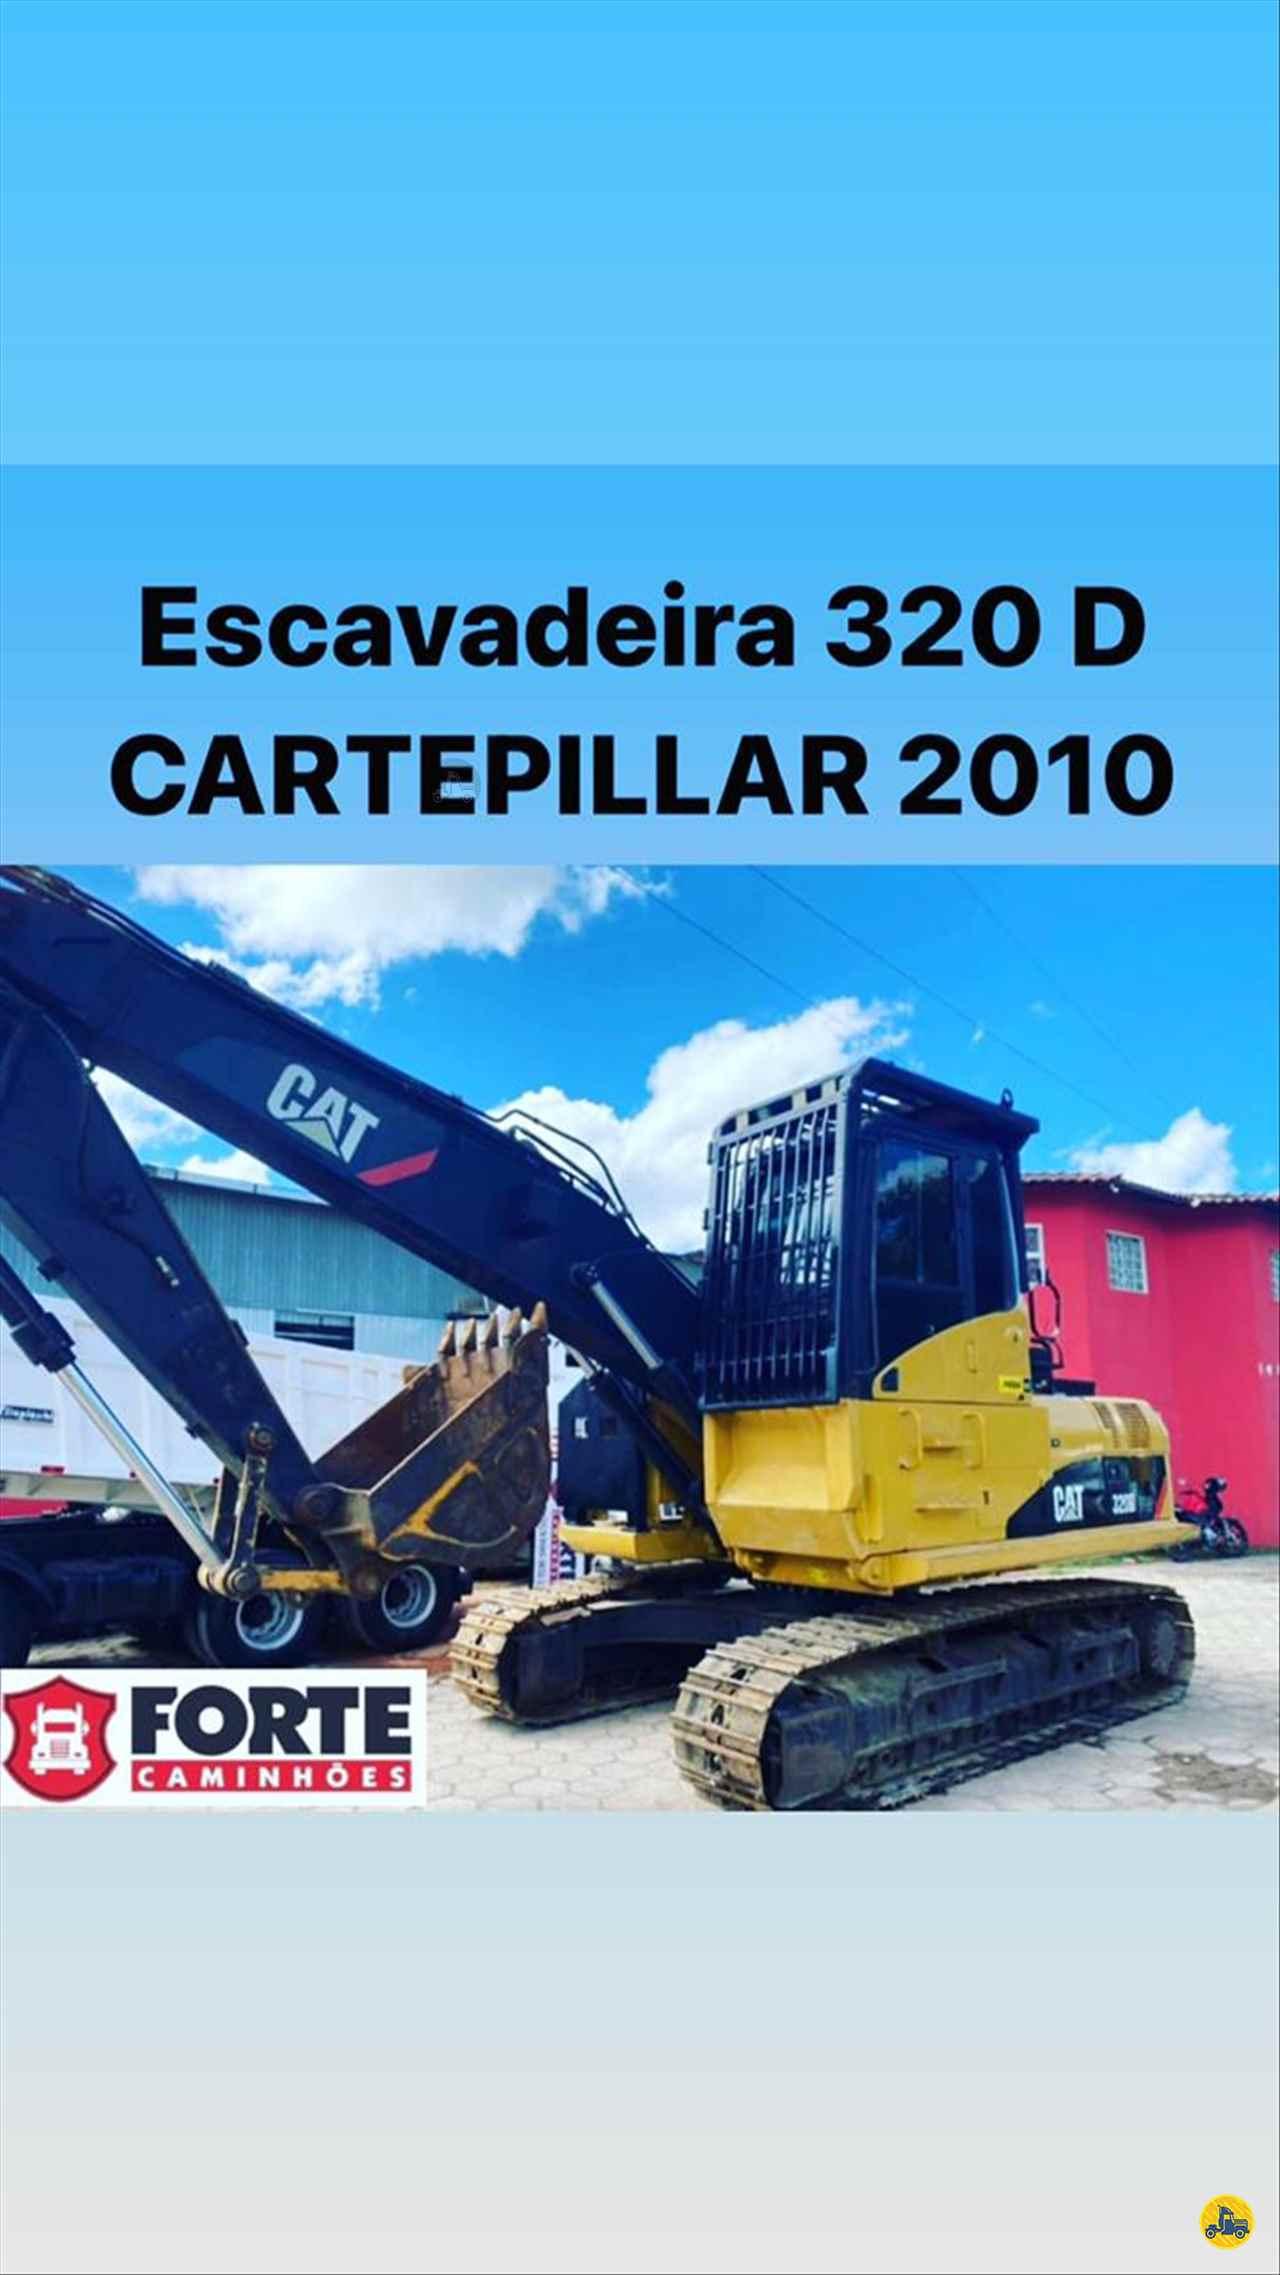 ESCAVADEIRA CATERPILLAR 320D Forte Caminhões MG JOAO MONLEVADE MINAS GERAIS MG